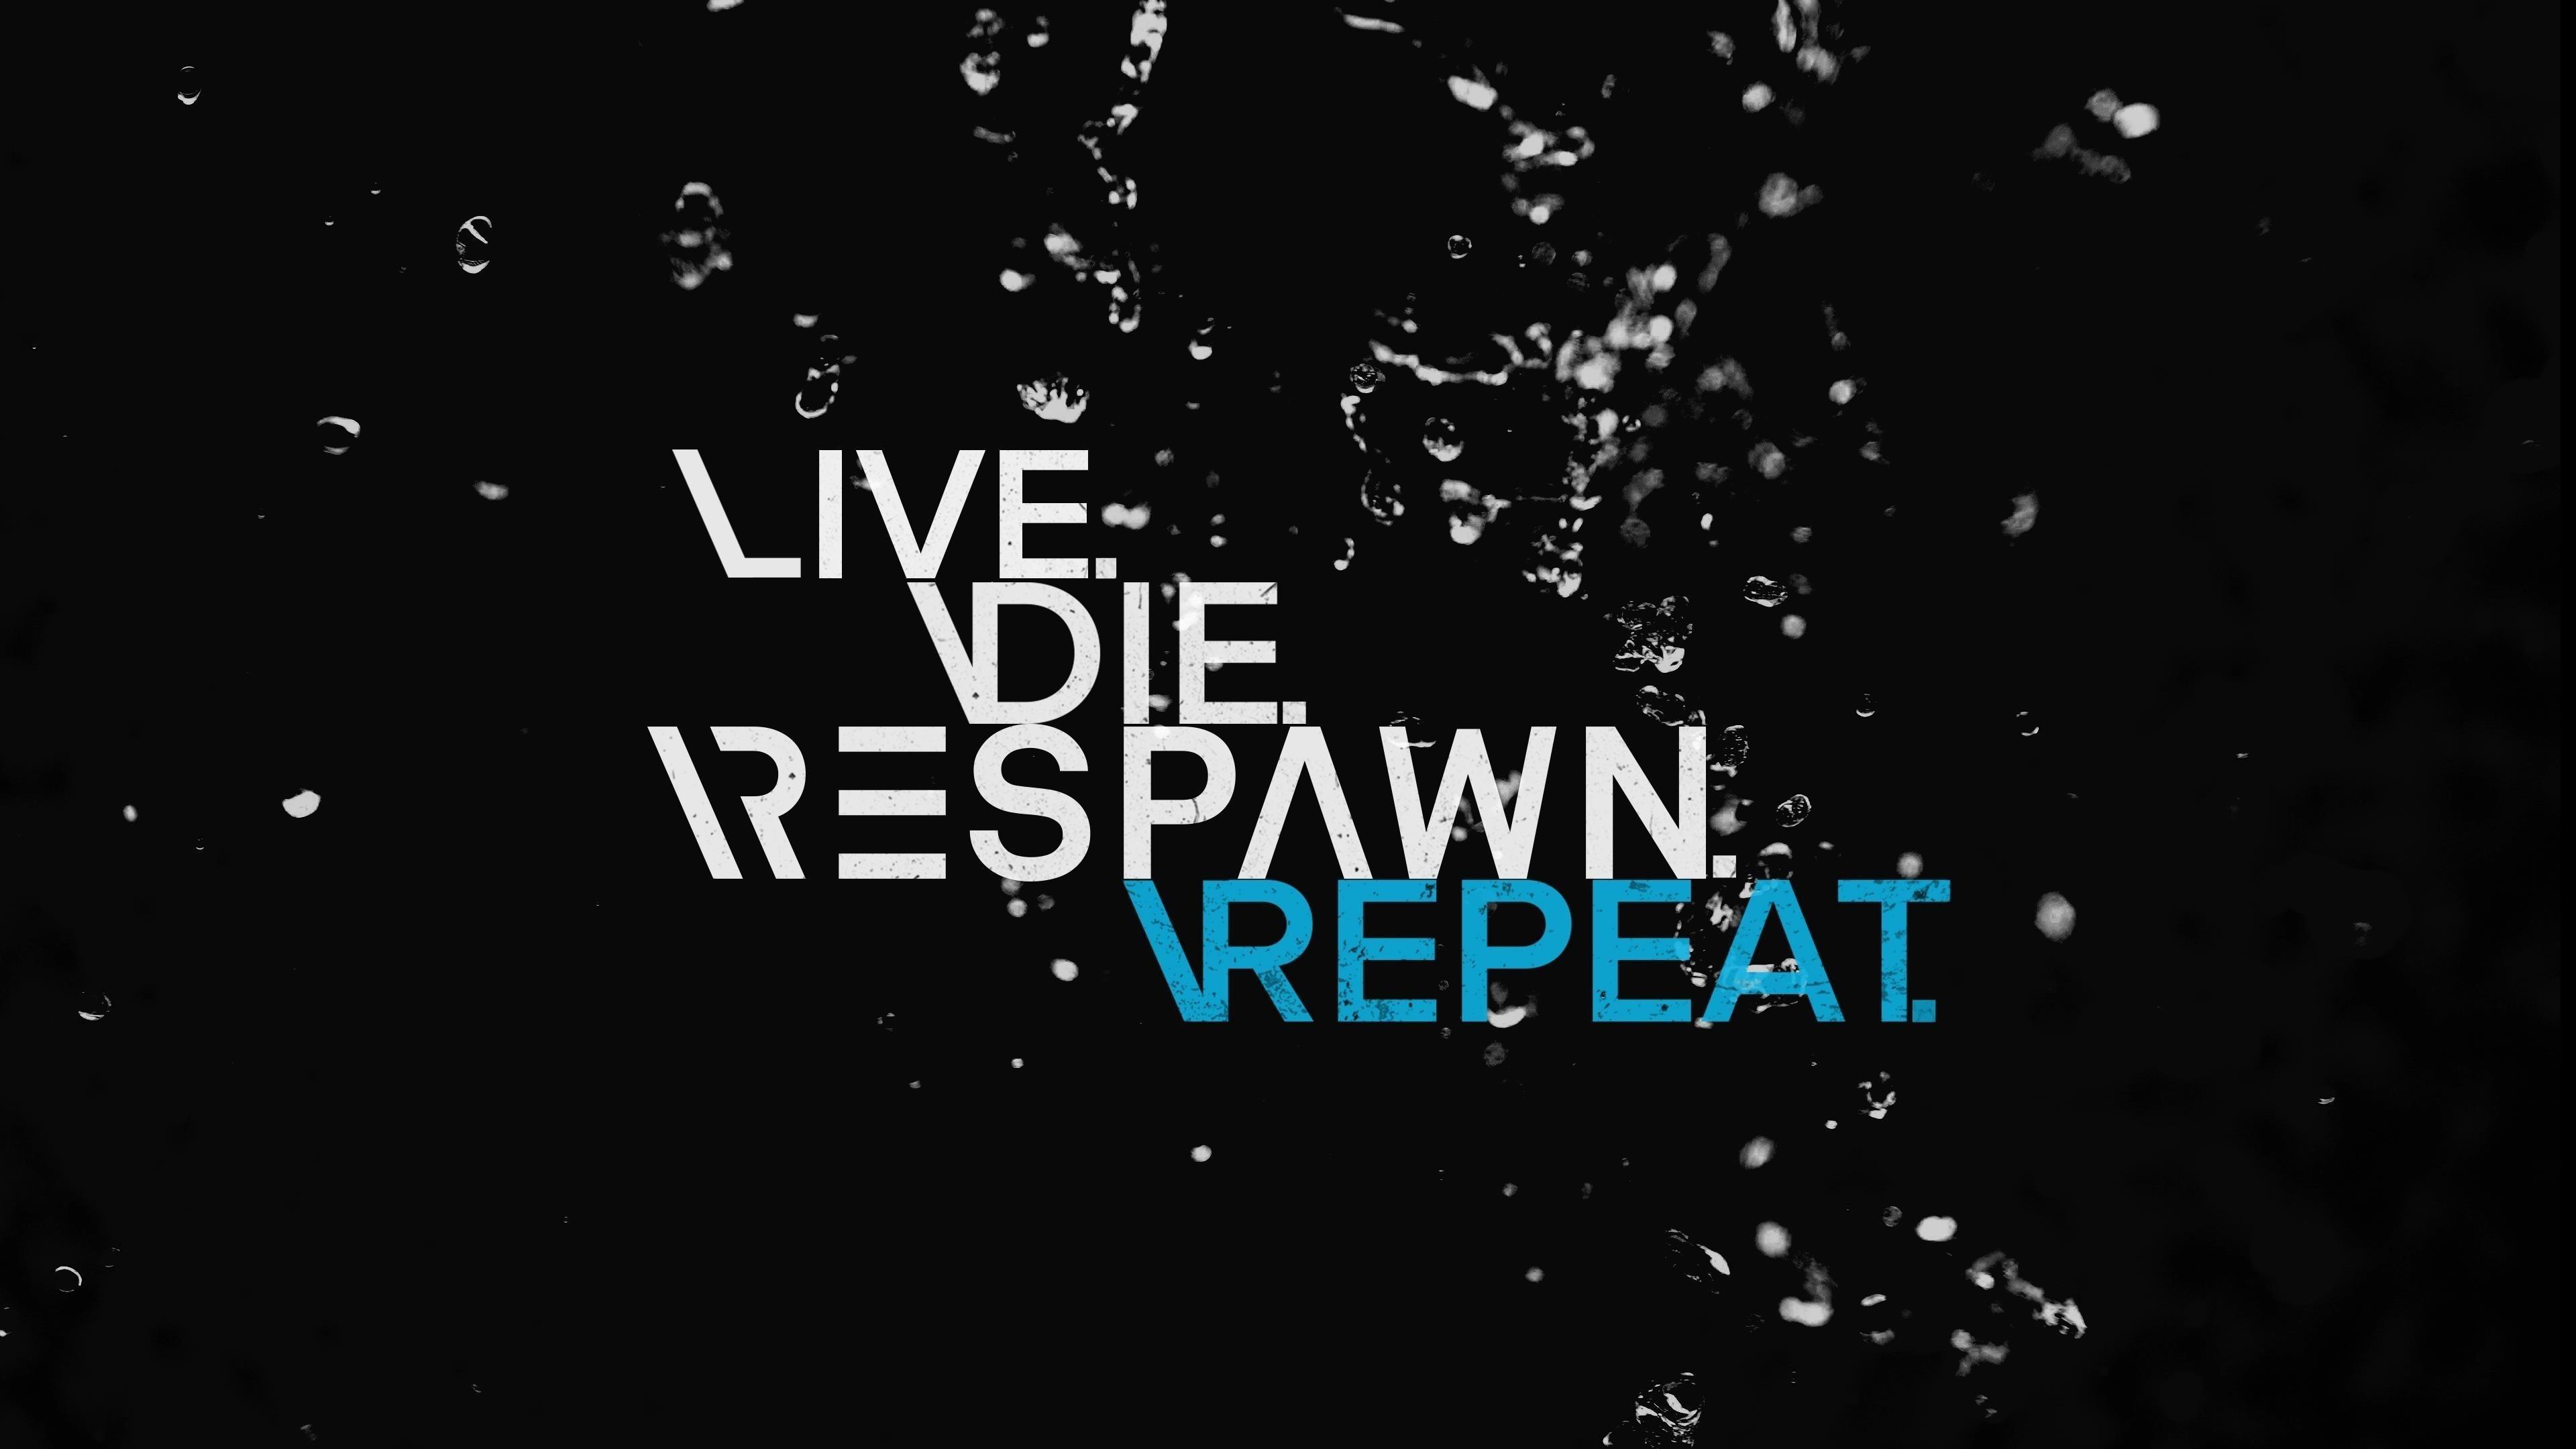 Live die respawn повторите цитату для геймеров обои скачать